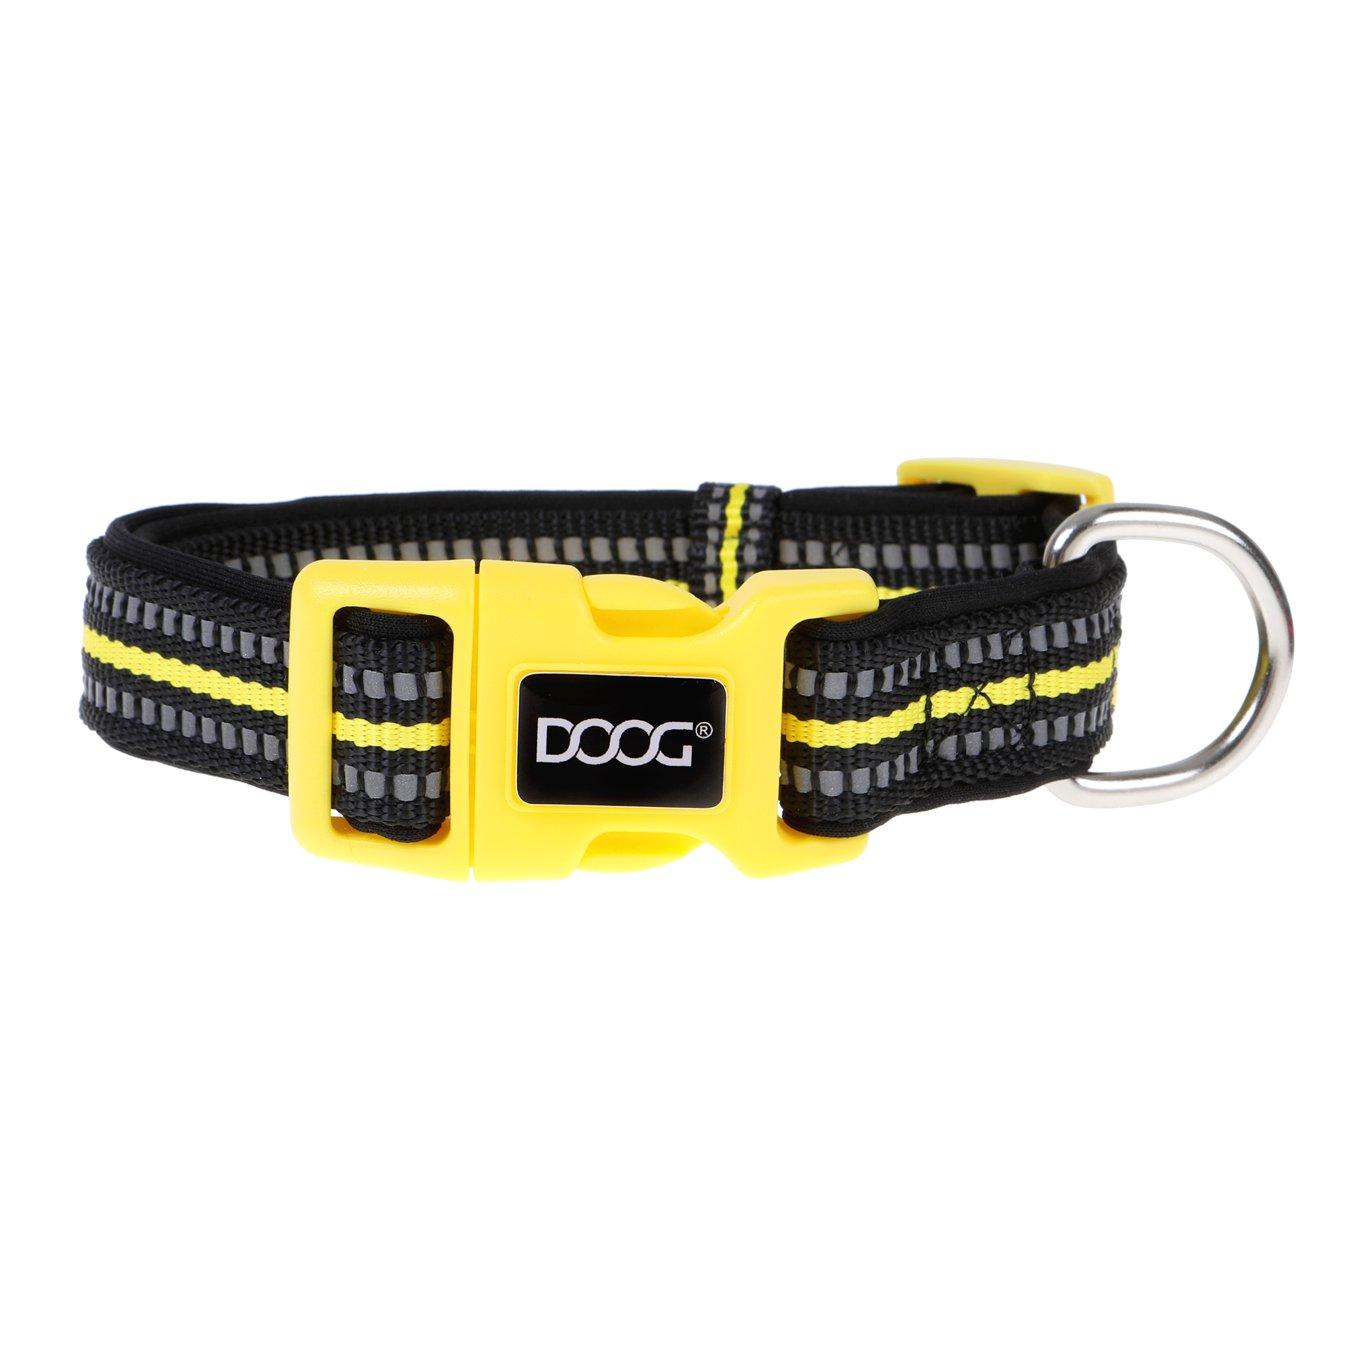 Dog Owners Outdoor Gear DOOG4070